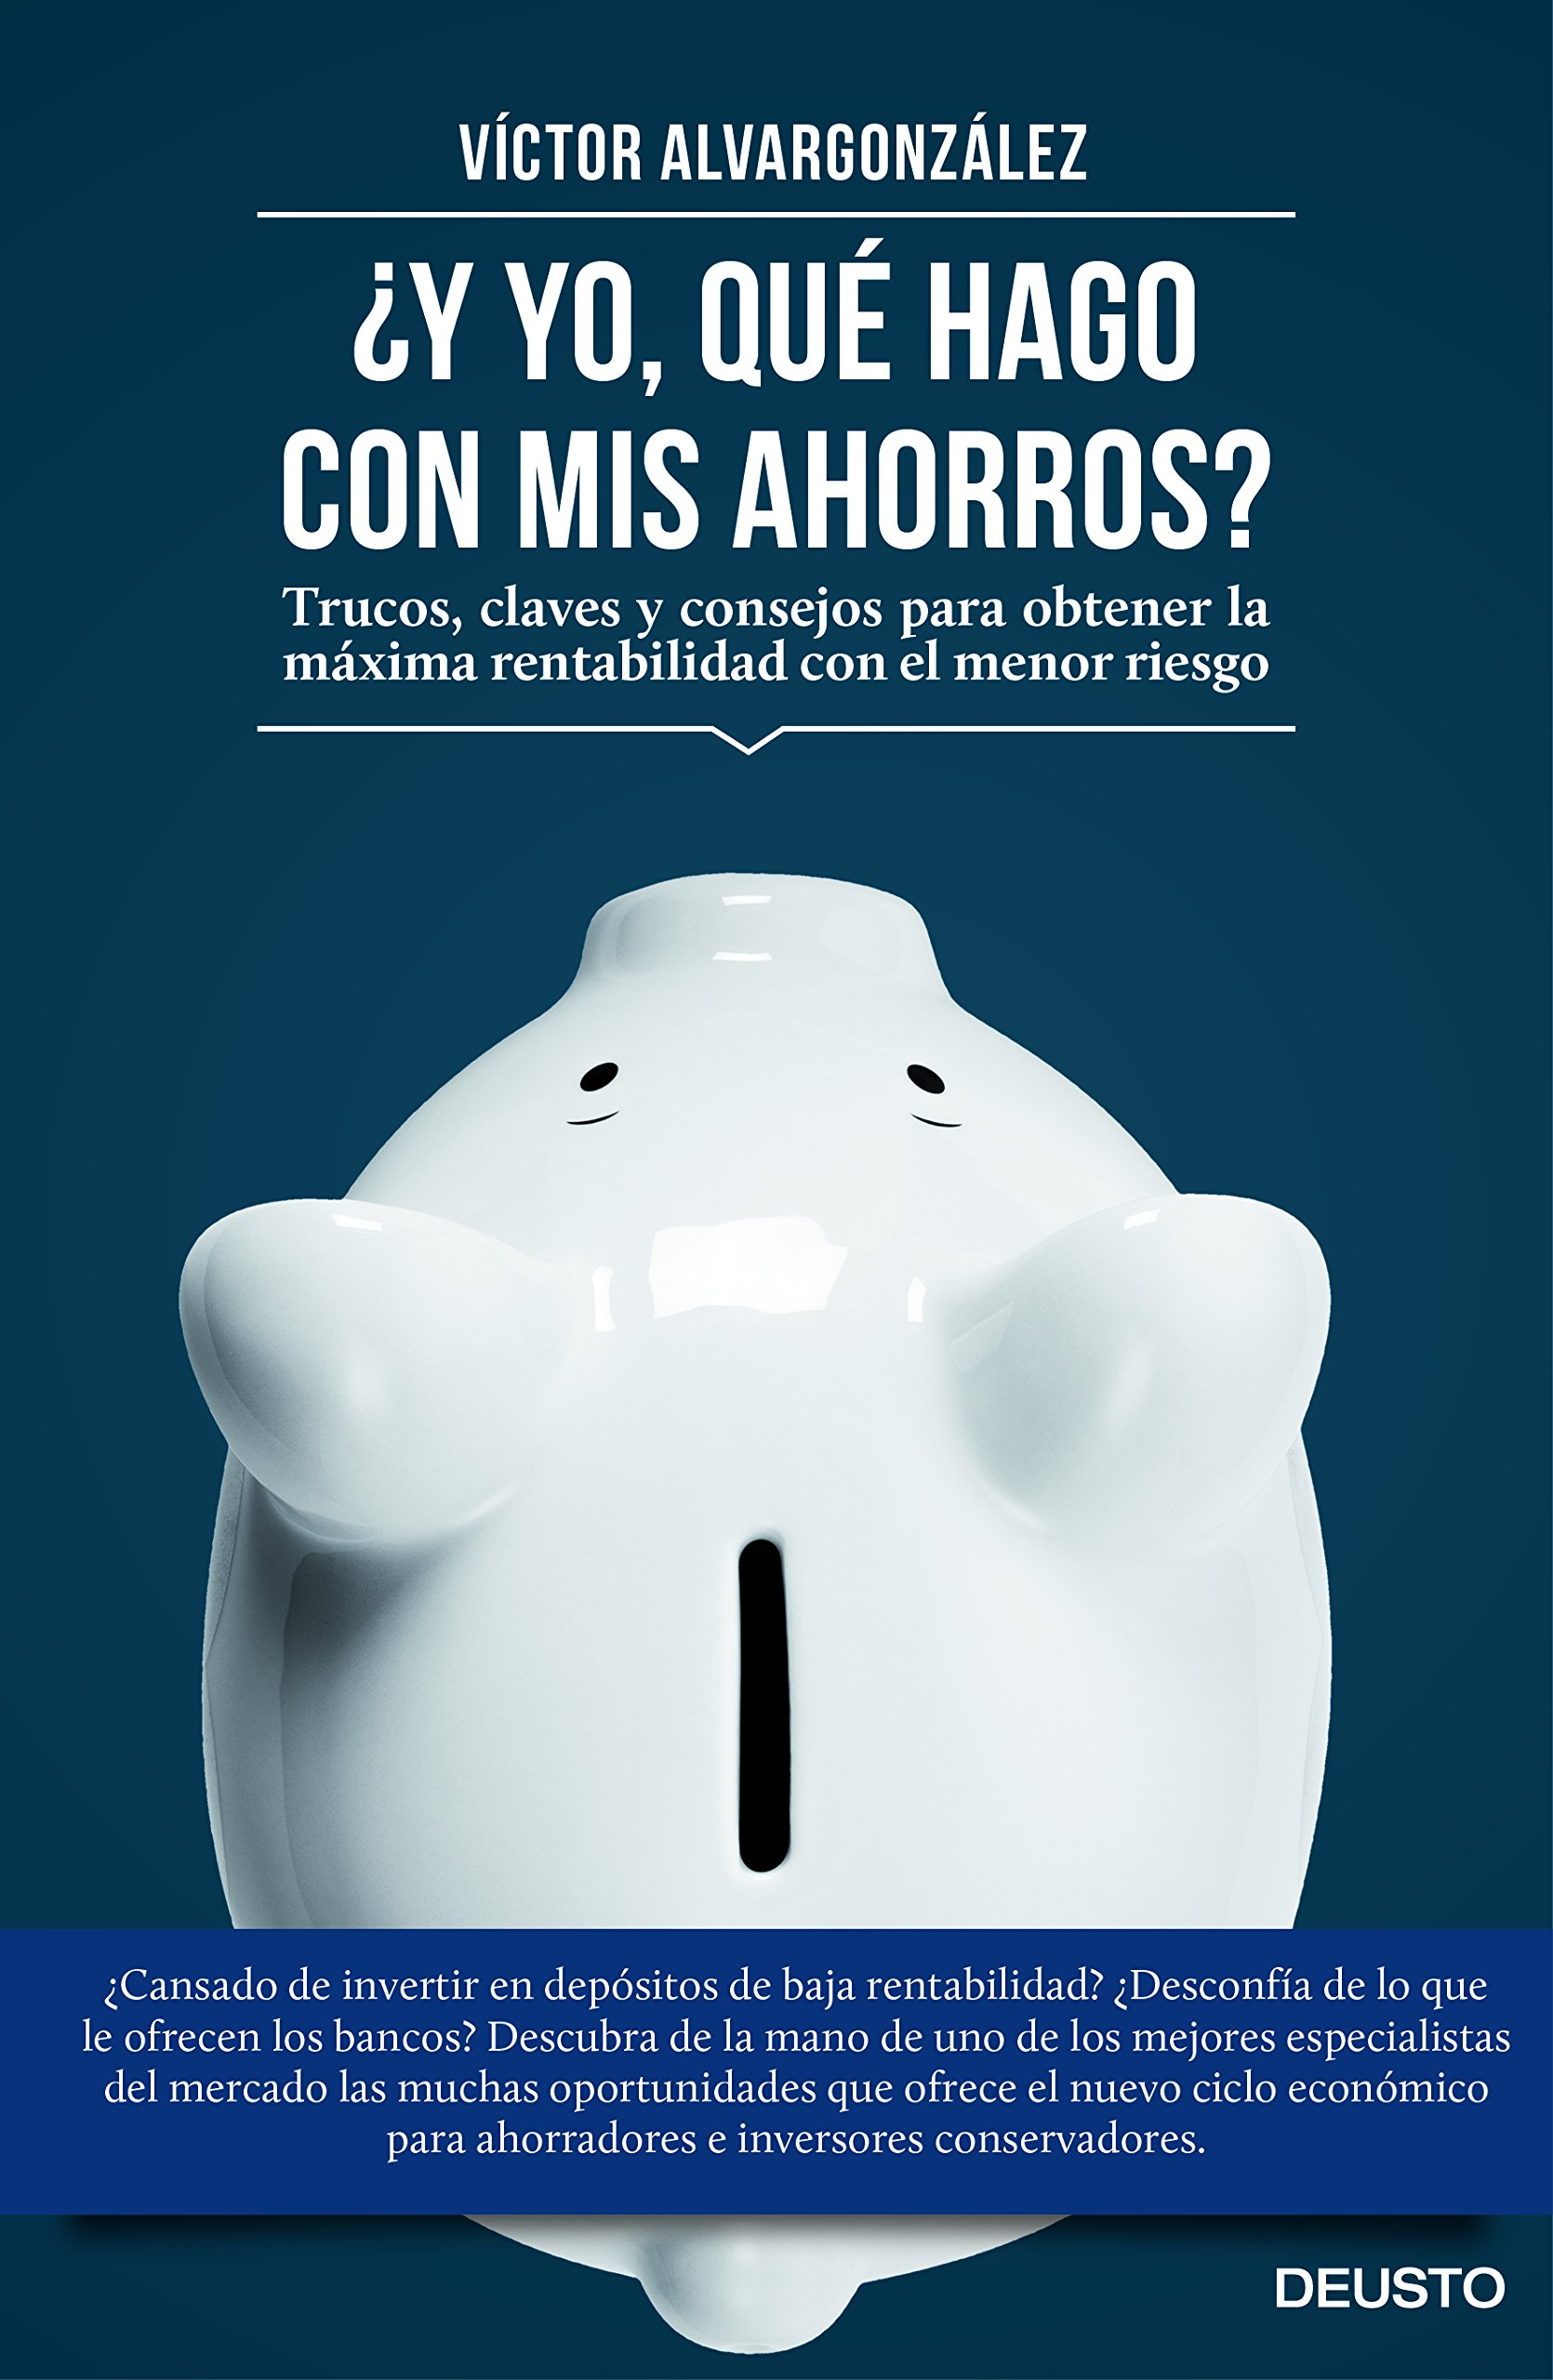 ¿Y yo, qué hago con mis ahorros? : trucos, claves y consejos para obtener la máxima rentabilidad con el menor riesgo (Spanish) Paperback – November 1, 2014